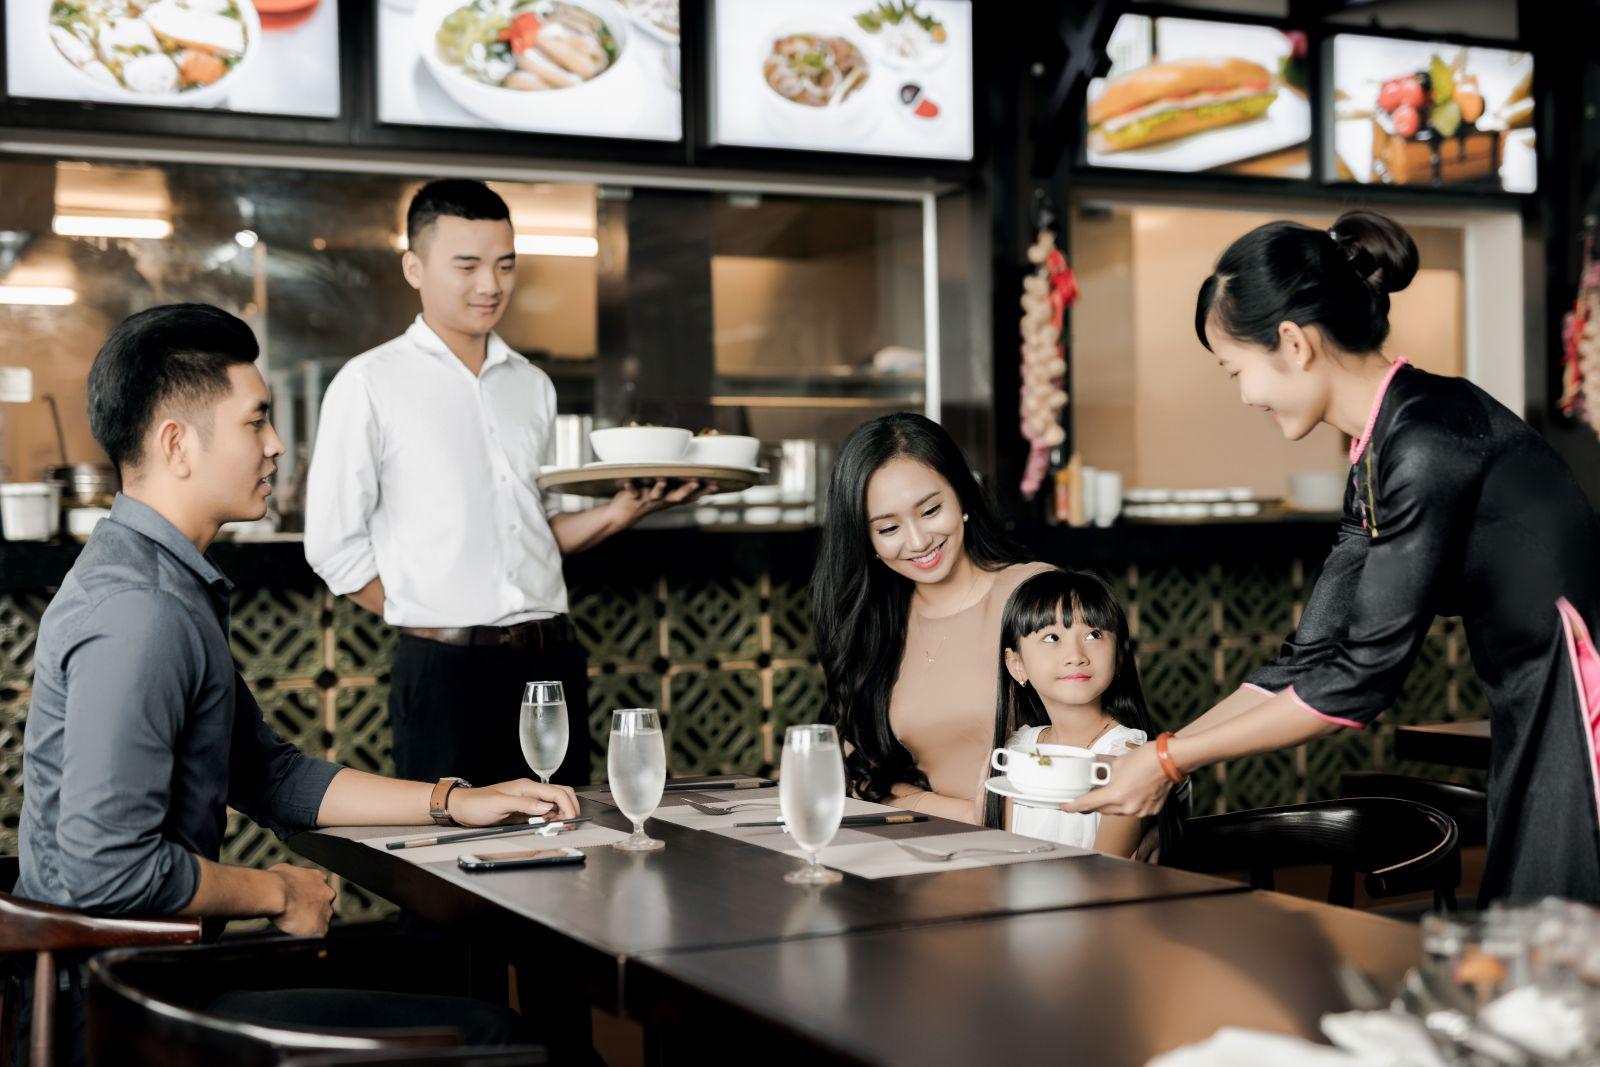 Kinh doanh nhà hàng